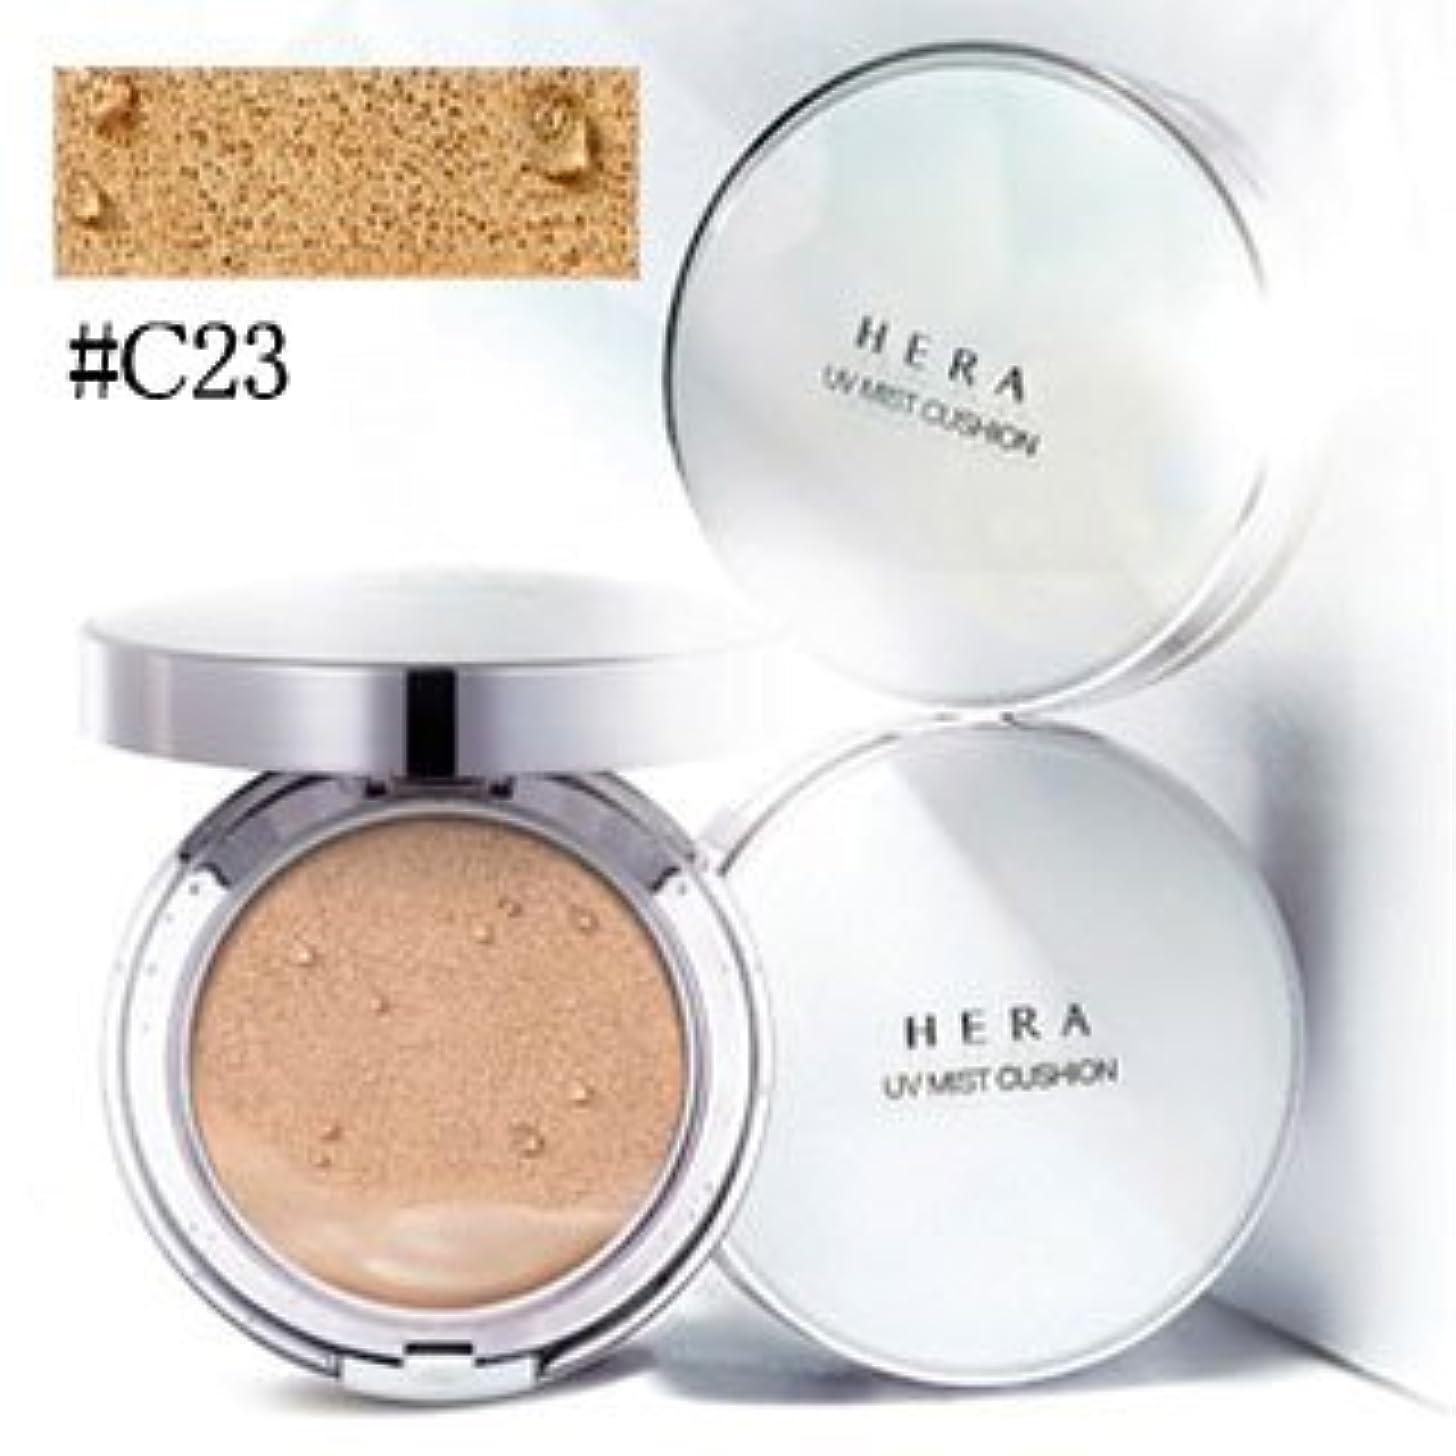 リースステッチ合理的ヘラ(HERA) UV ミスト クッション #C23 COOL BEIGE COVER SPF 50+ / PA+++ 15g x 2[並行輸入品]